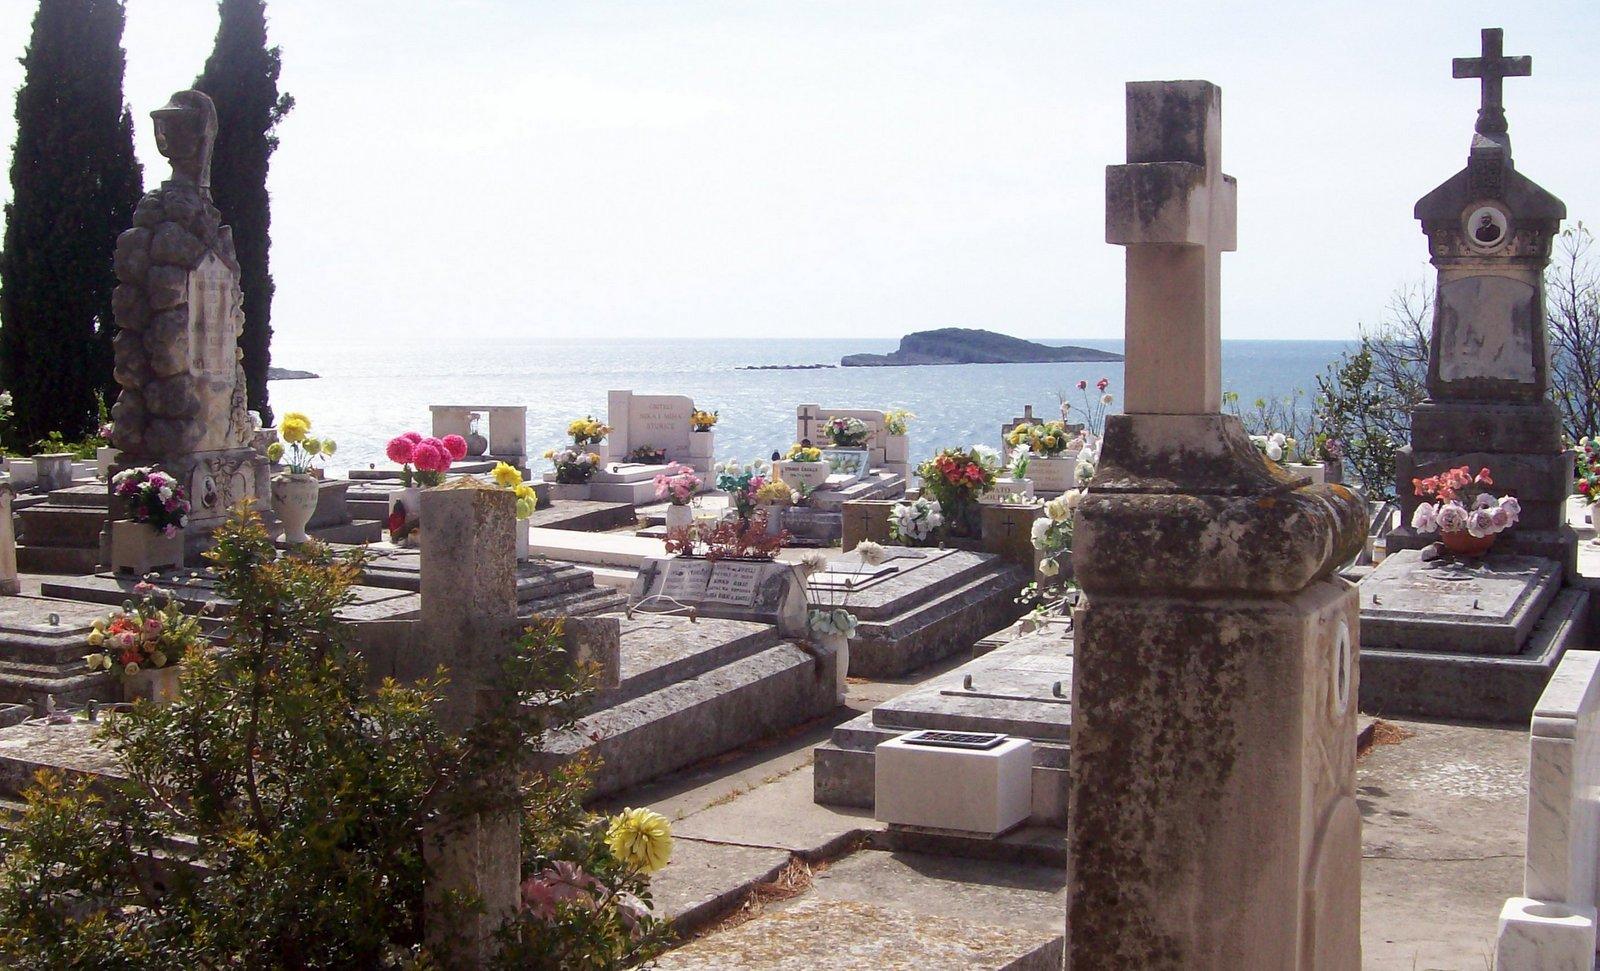 Friedhof von Cavtat über der Adria - Kroatien